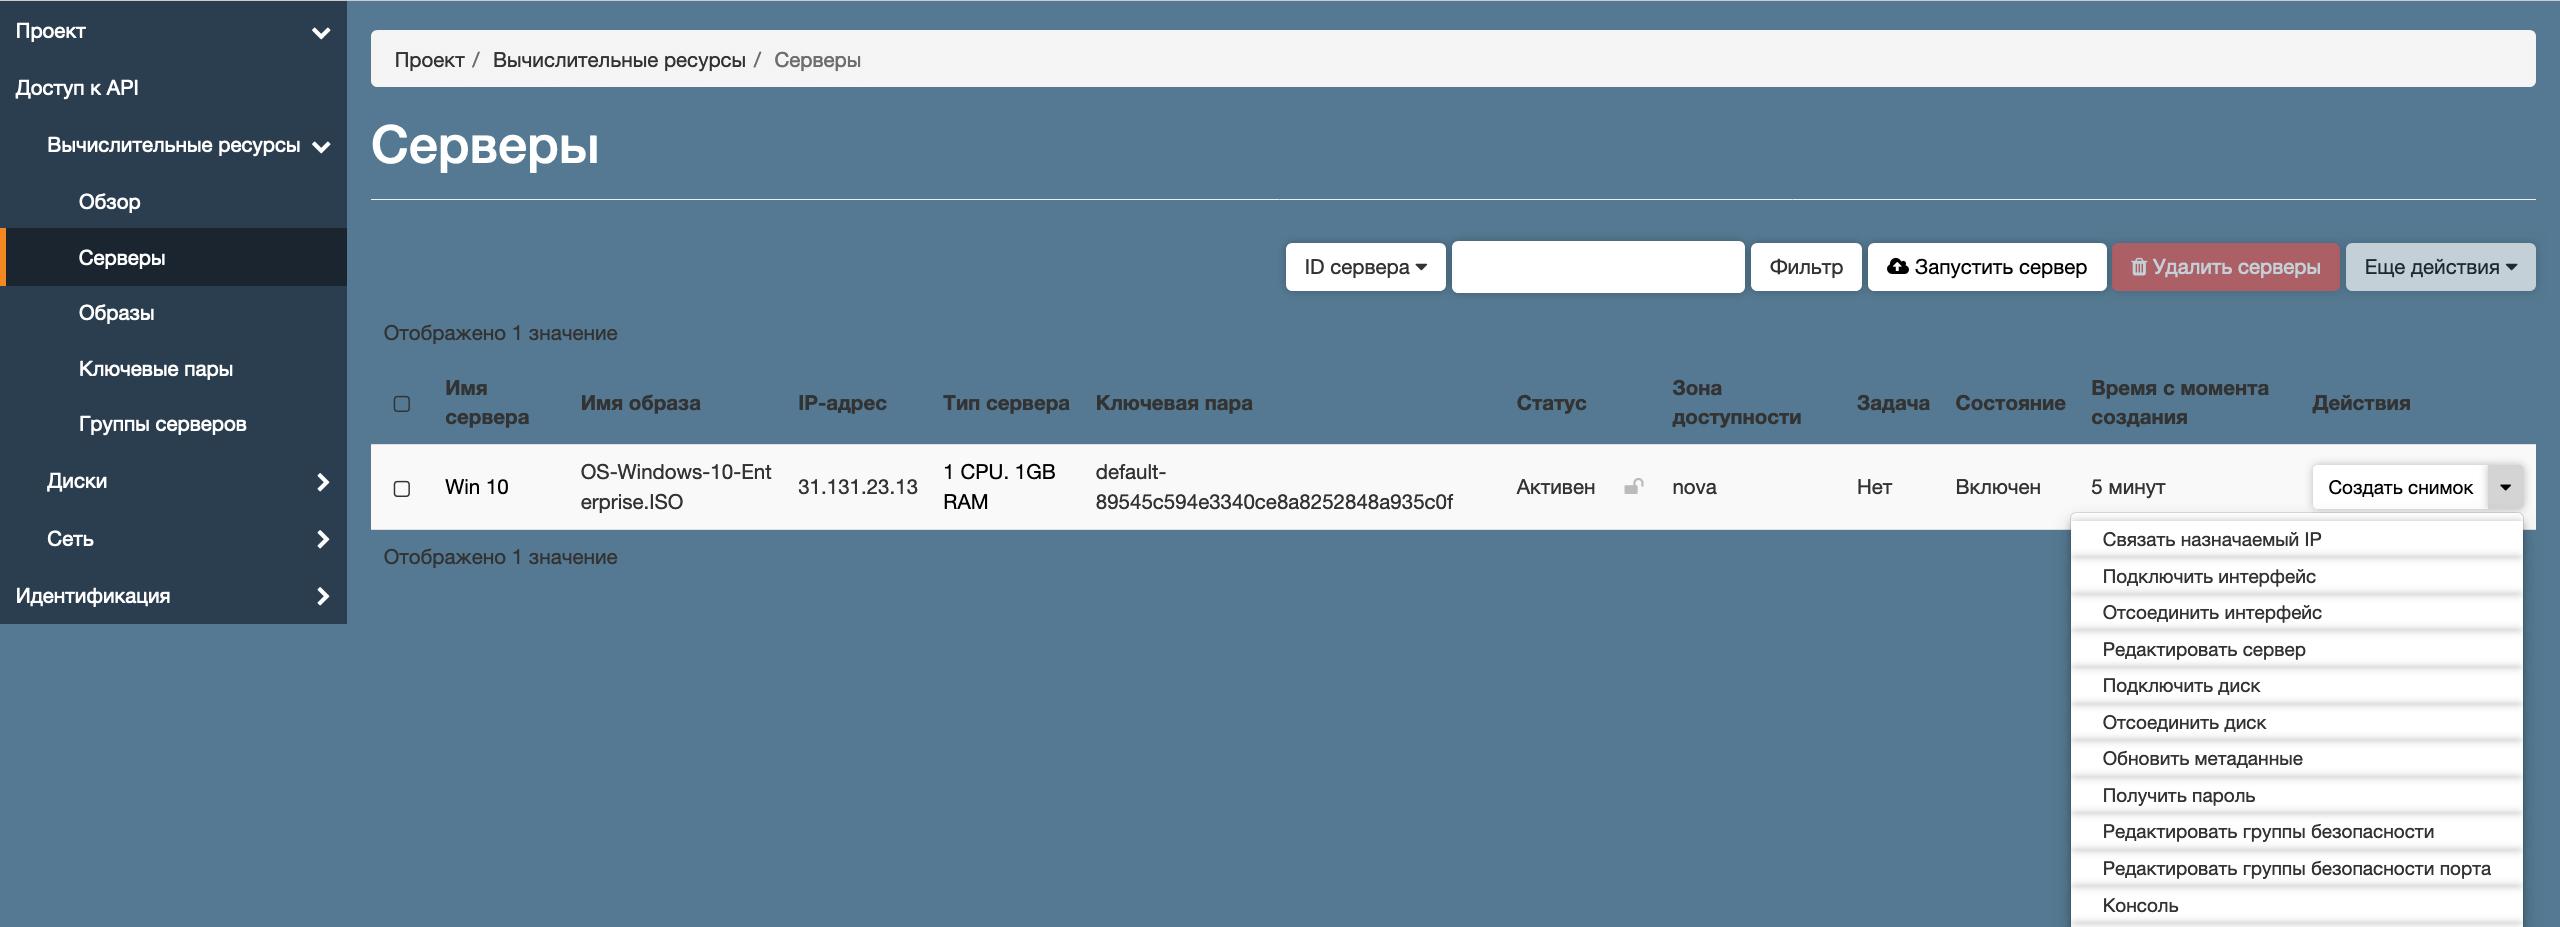 Переход к встроенной консоли для управления VPS-сервером